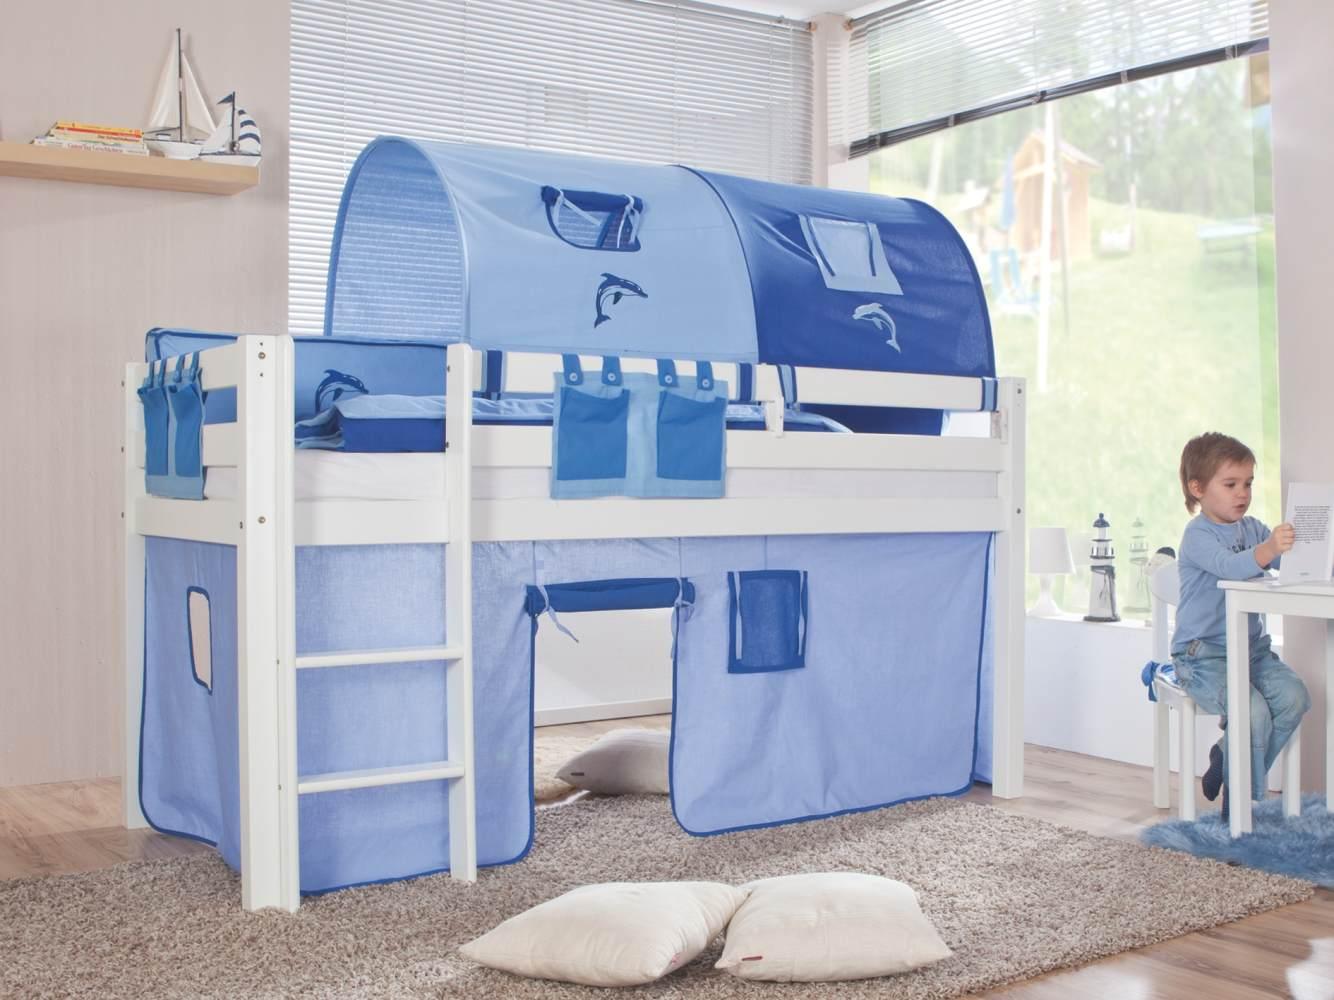 Relita Halbhohes Spielbett ALEX Buche massiv weiß lackiert mit Stoffset blau/delfin Bild 1